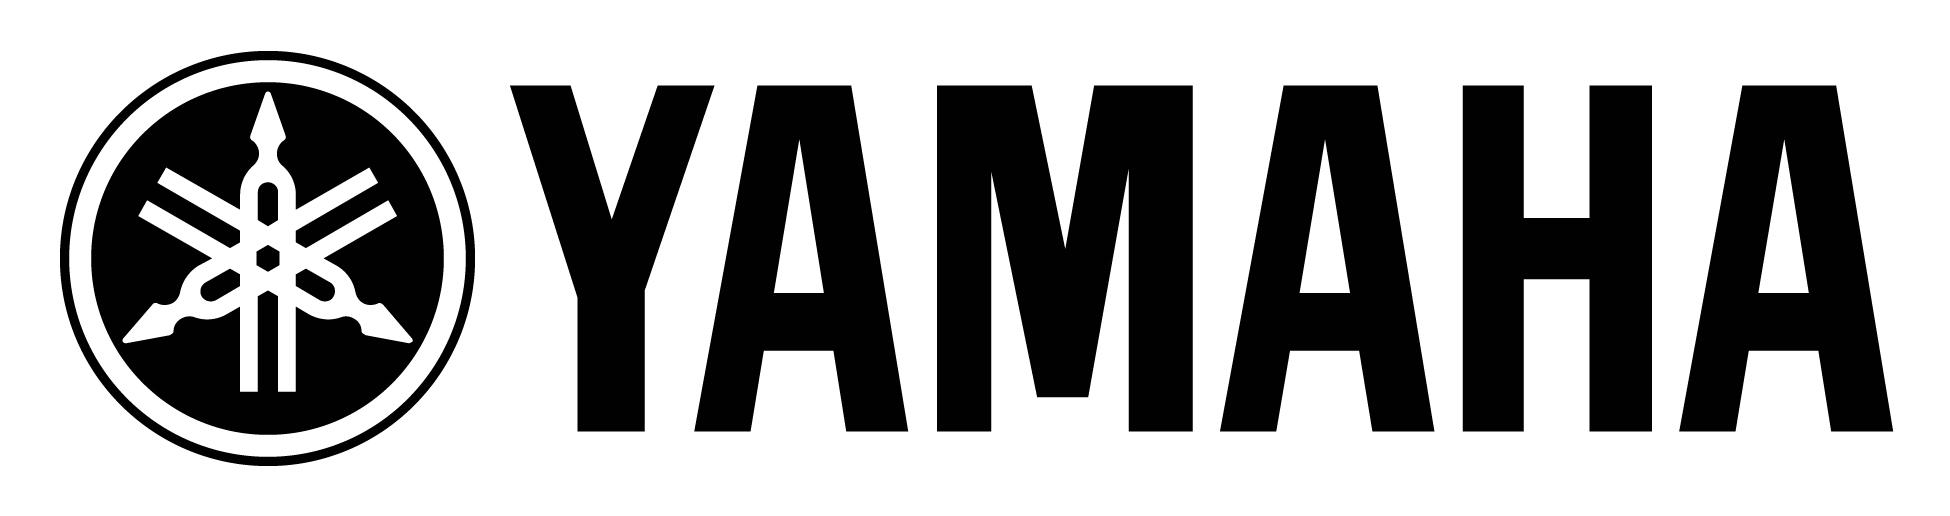 See How Yamaha Lets You Take Yamaha Png - Yamaha PNG